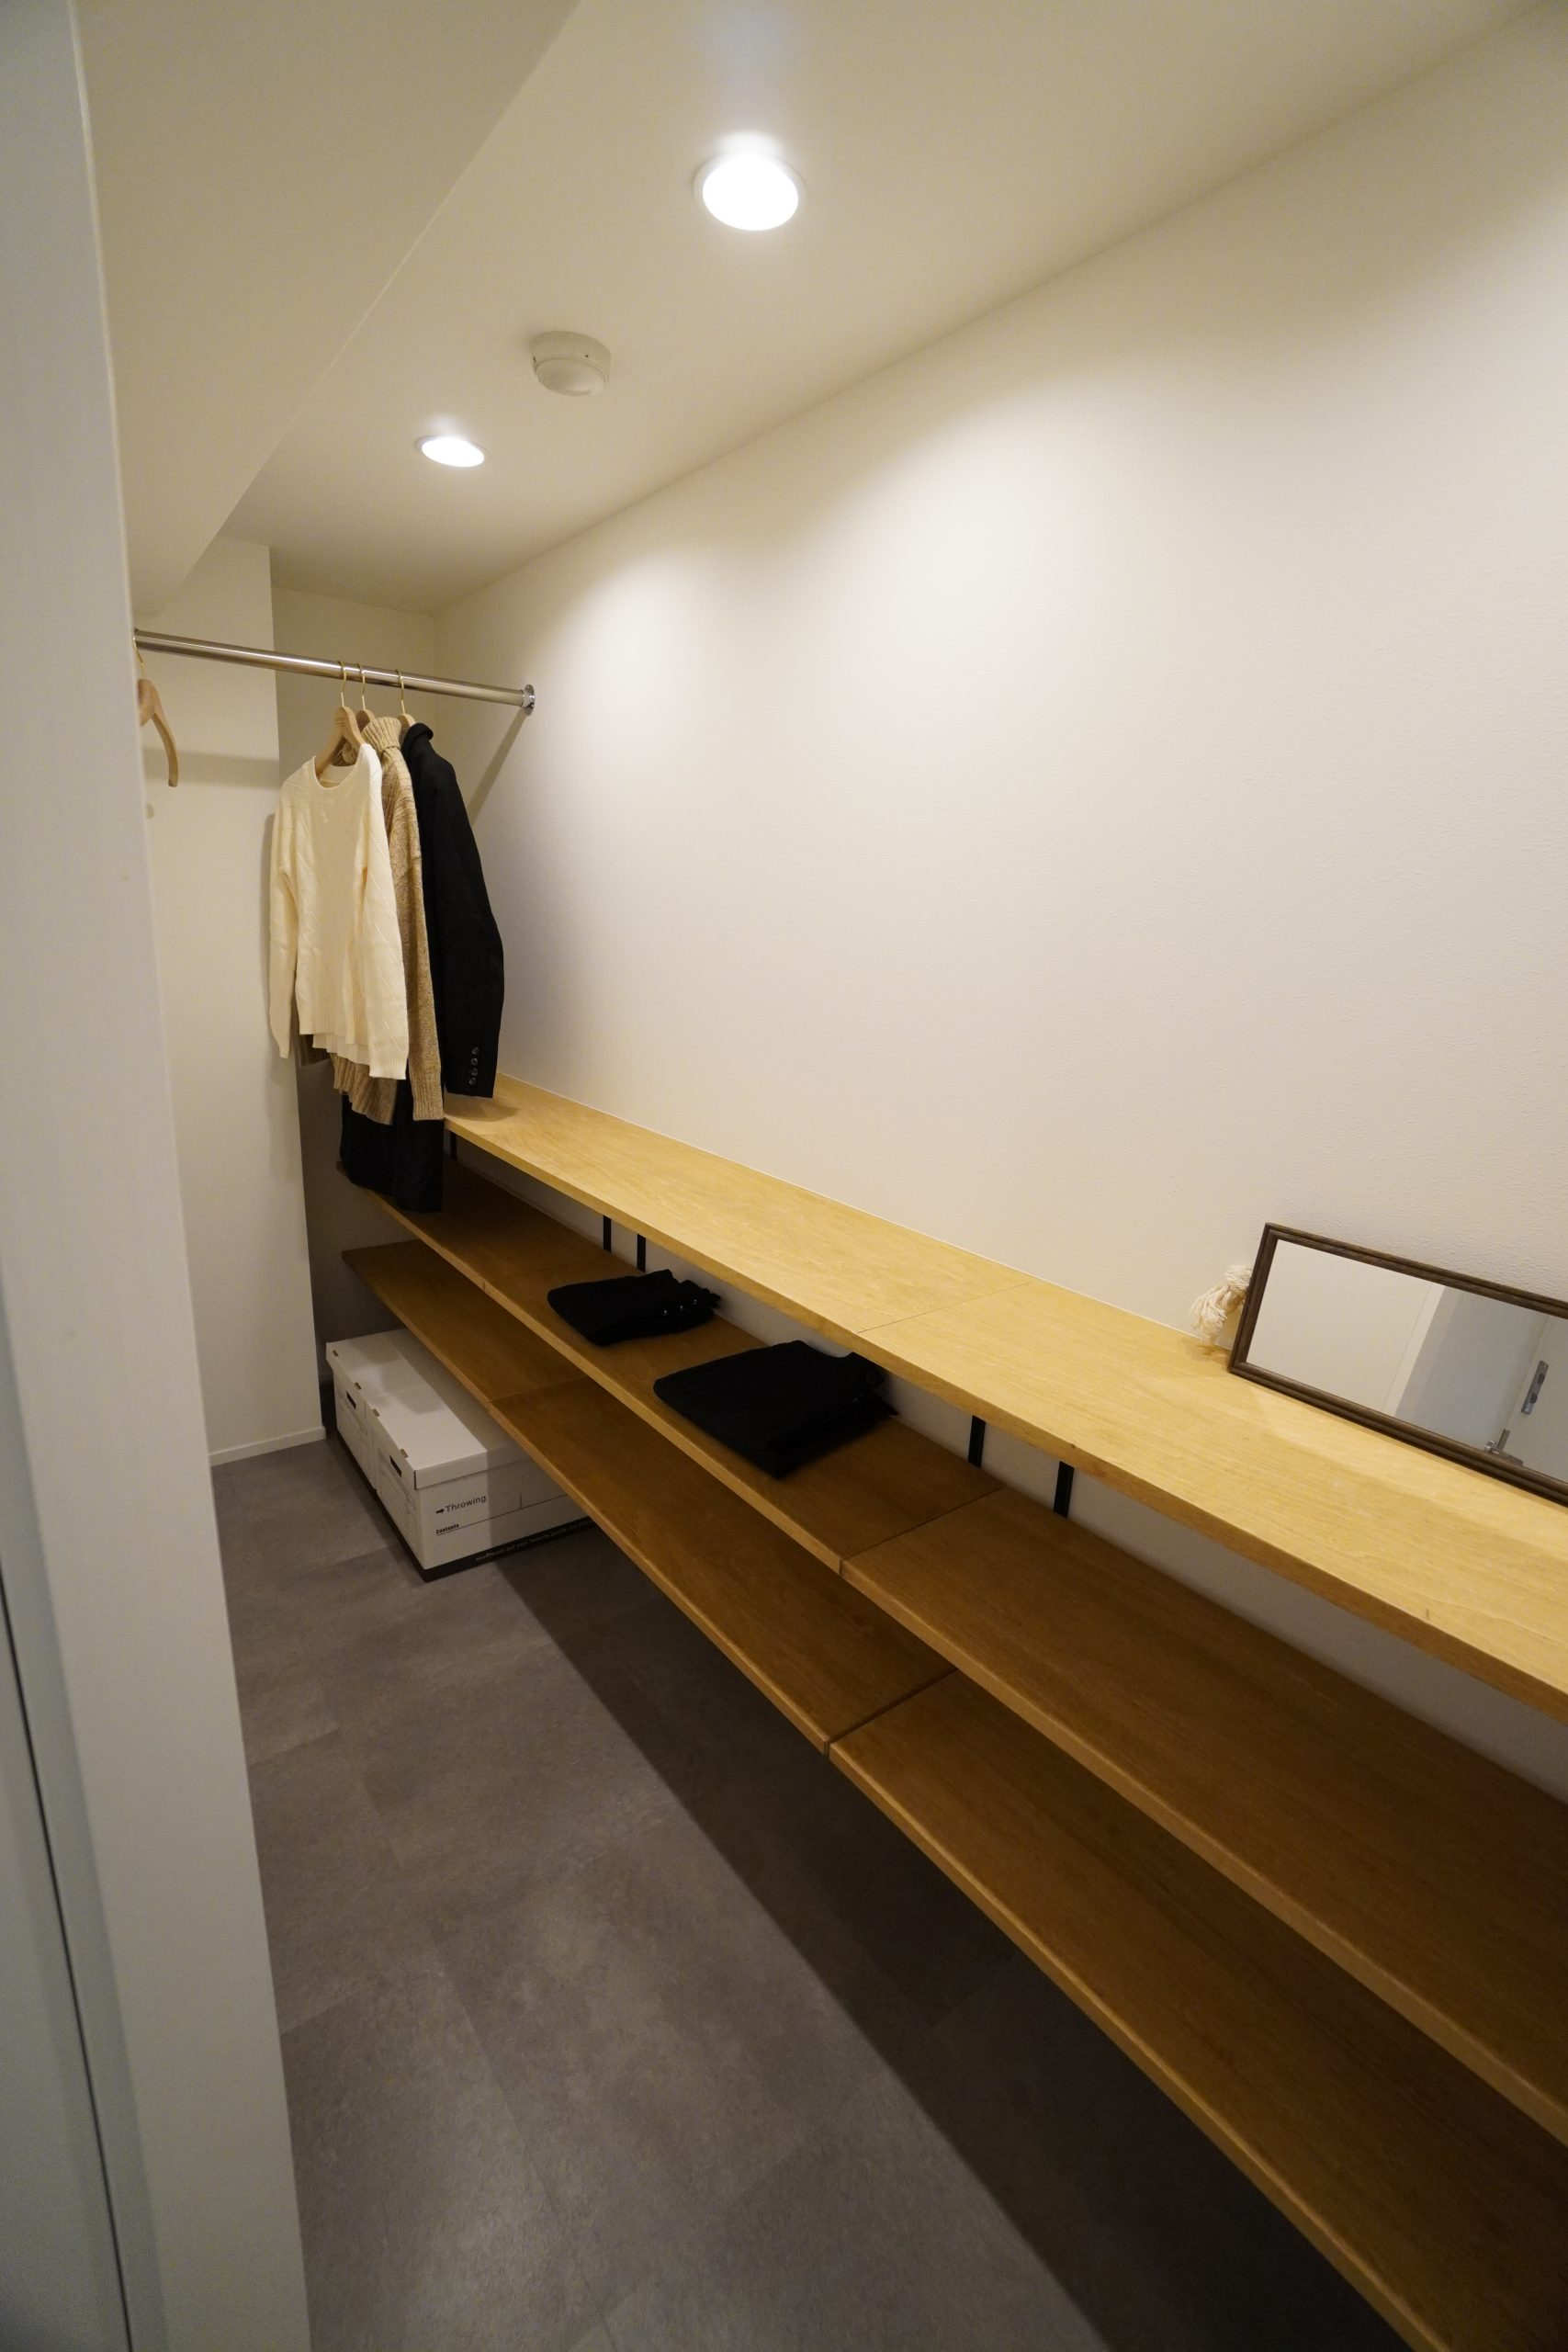 ハラダサンパークマンション恵比寿台の写真13